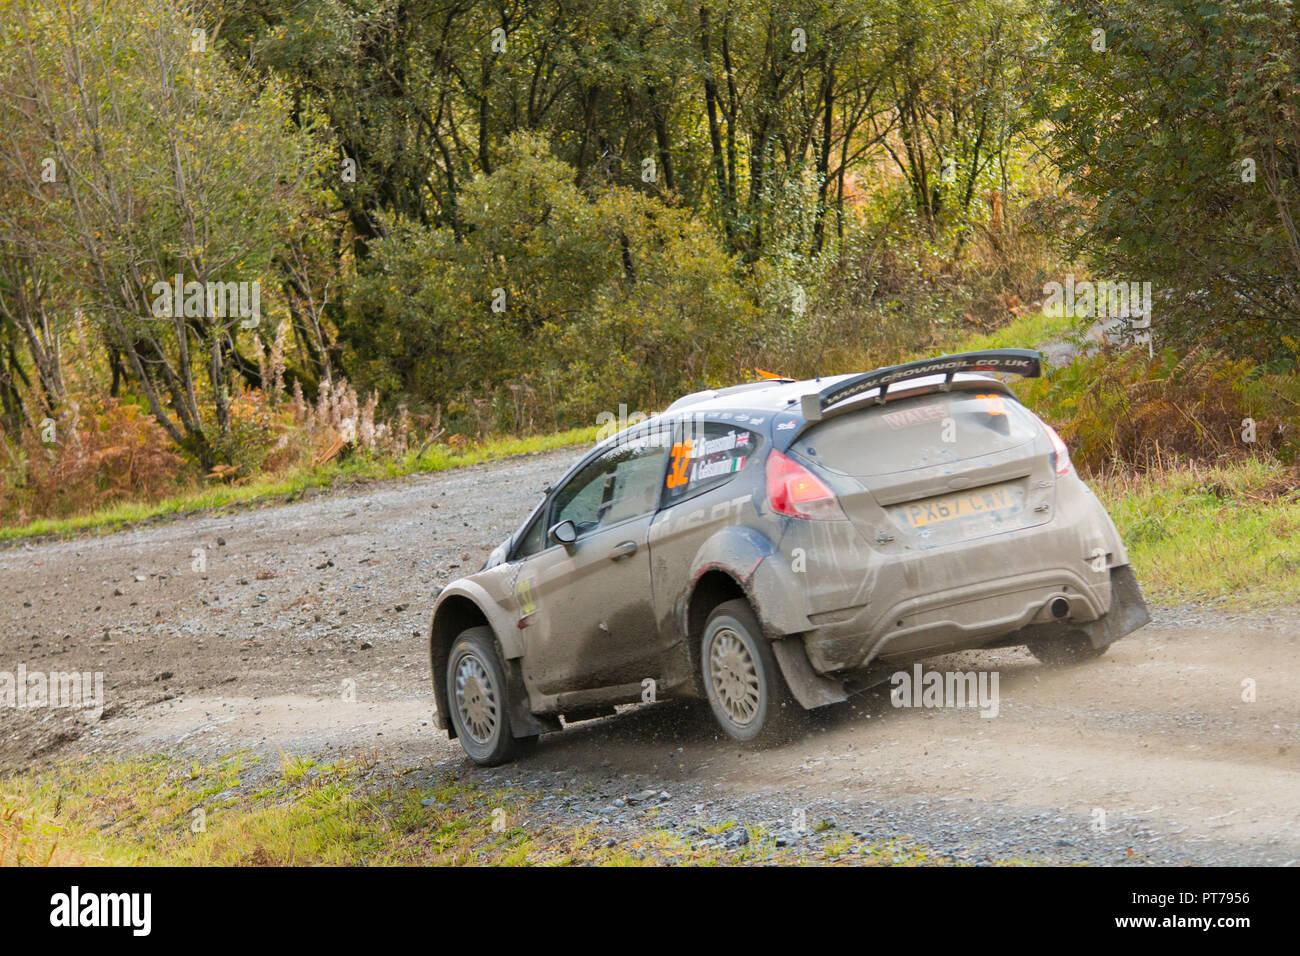 Dyfnant, UK. 6. Oktober 2018. Der Ford Fiesta R5 Rally Car, laufen in der WRC 2 Klasse, von Gus Greensmith (Großbritannien) mit der Geschwindigkeit auf dem Kies Waldwege, die Stufe 14 des 2018 Wales Rally von Großbritannien, durch den Wald in der Nähe von Dyfnant Welshpool, Powys, Wales Credit: Mike Hillman/Alamy leben Nachrichten Stockbild